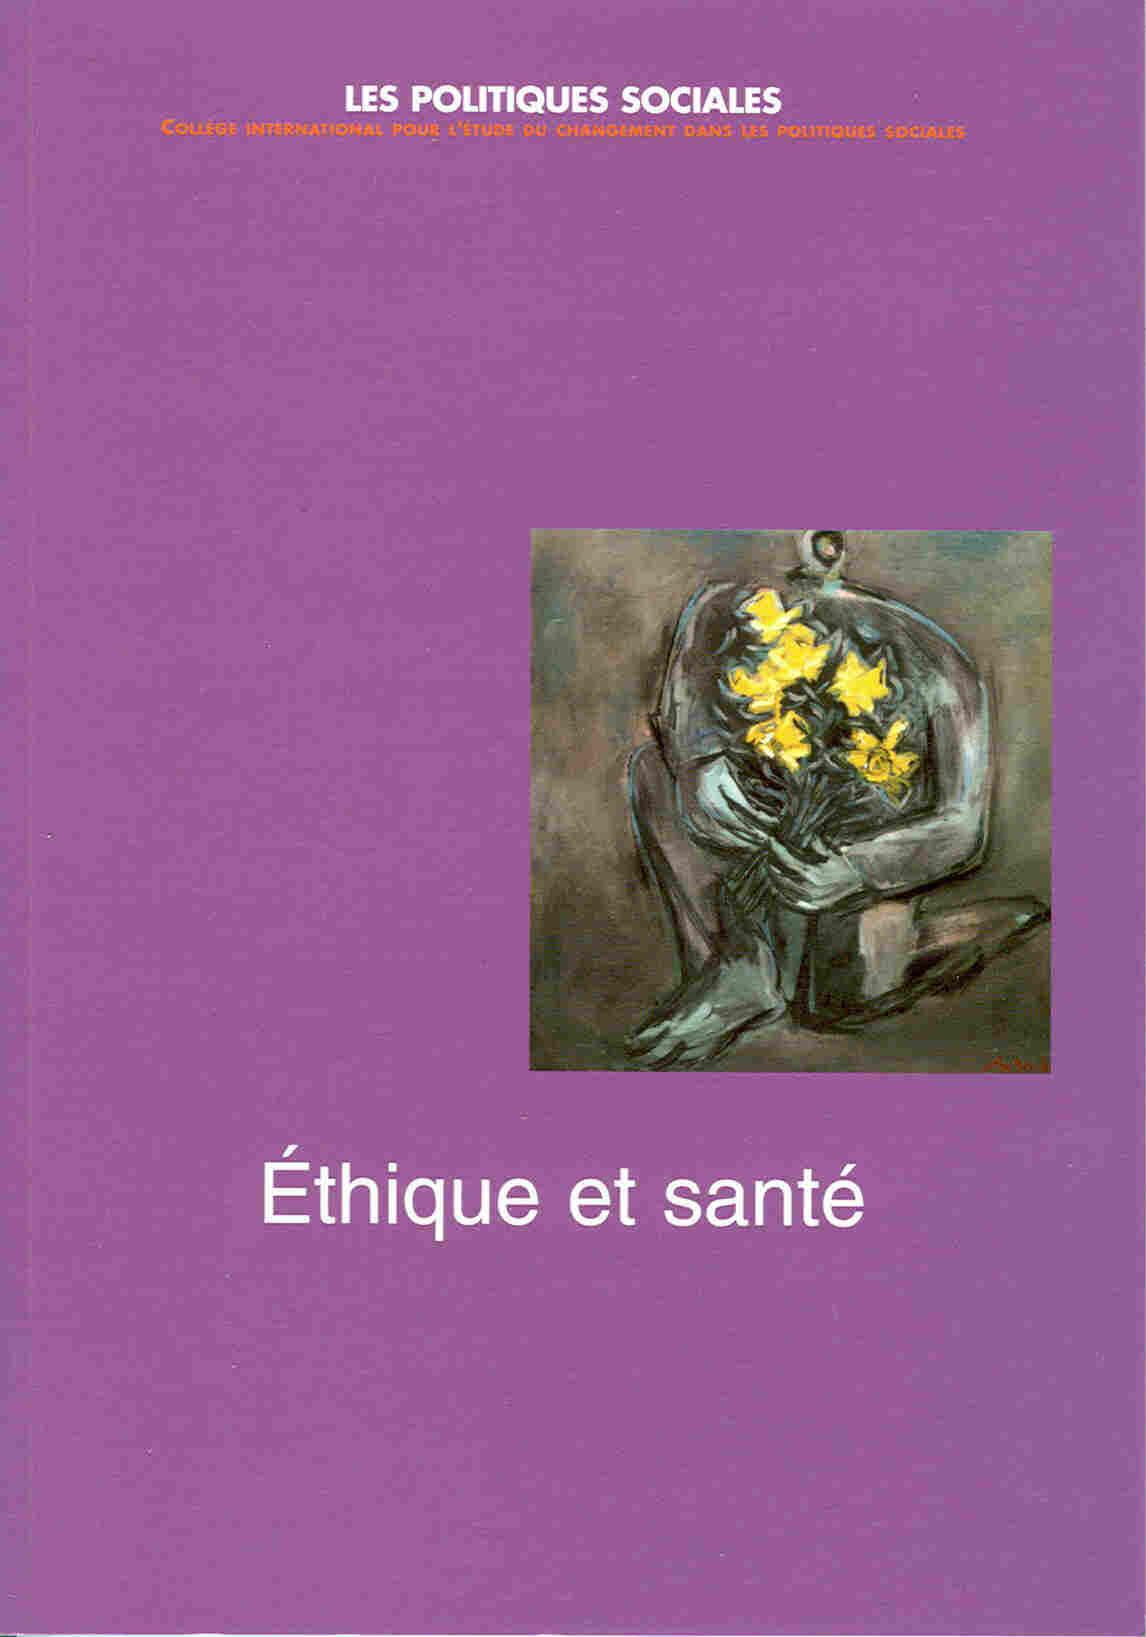 Dissertation Philosophique Ethique Et Politique